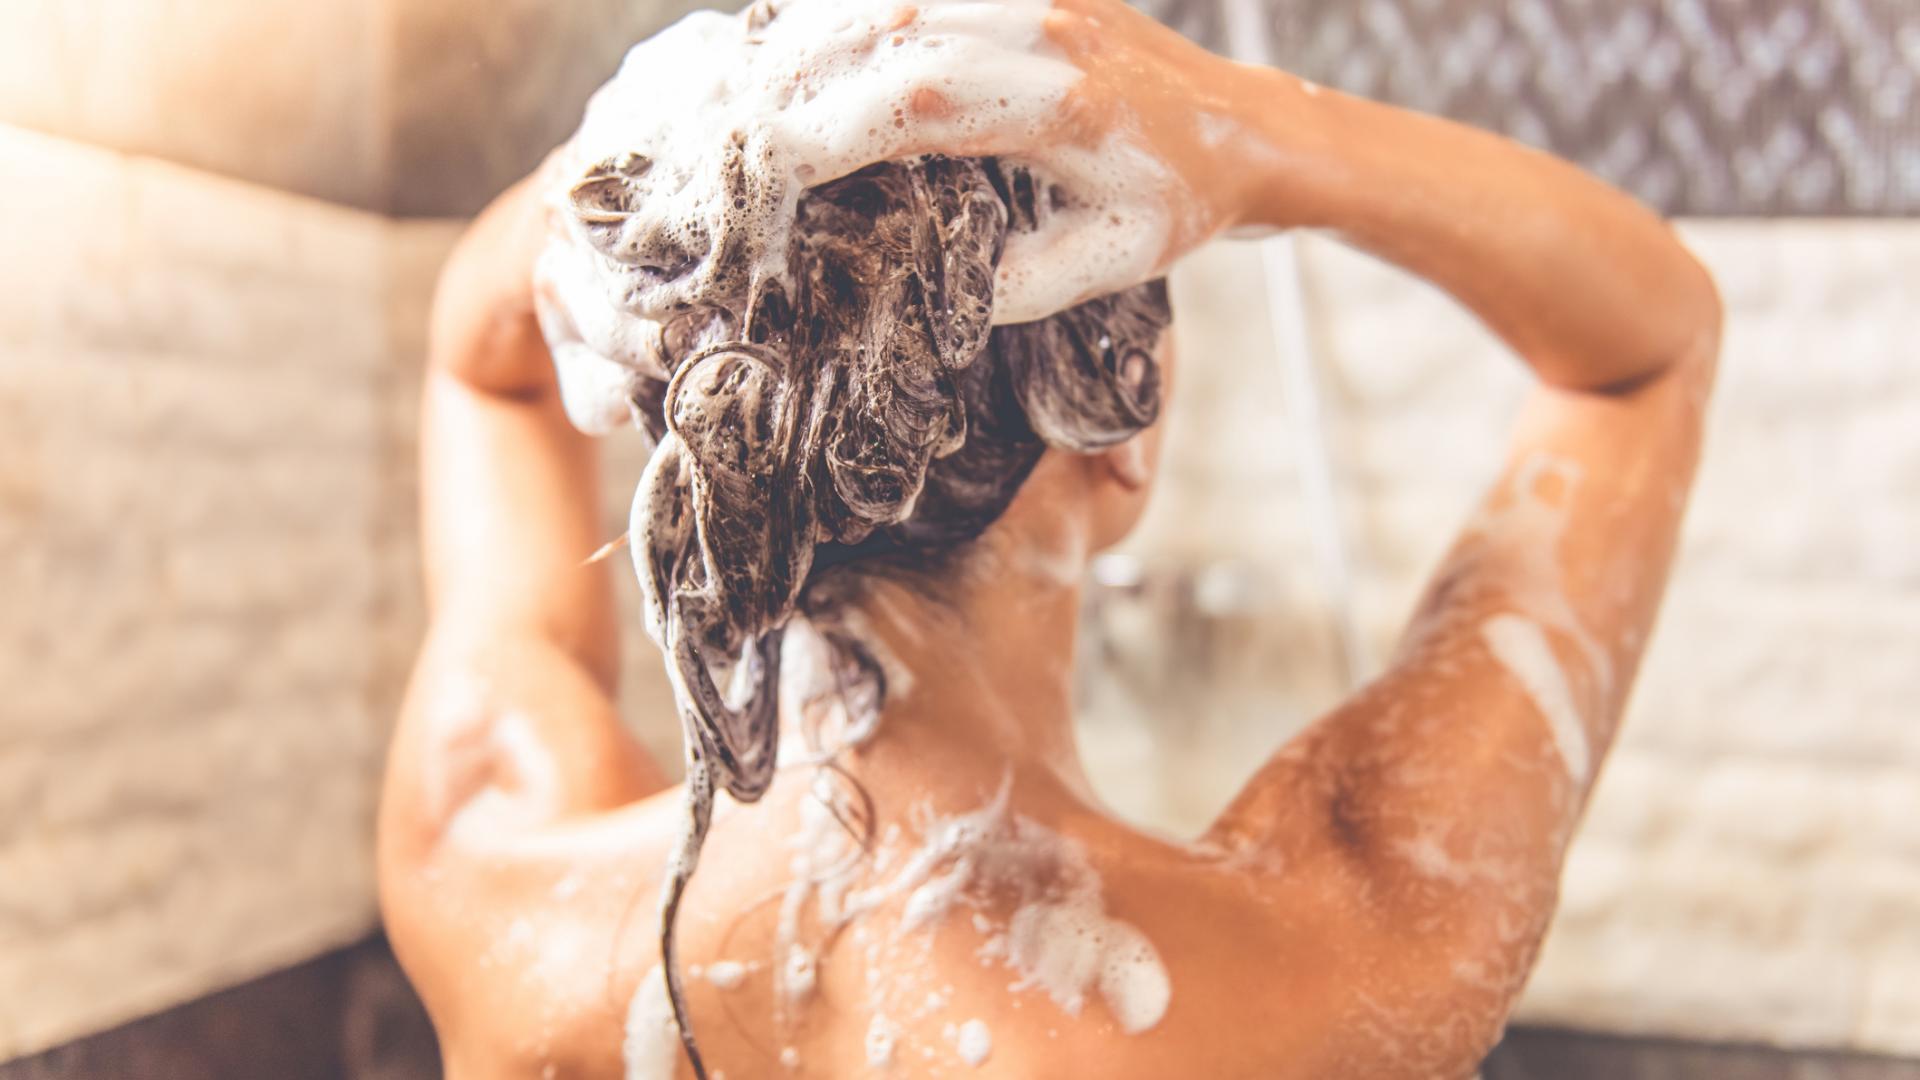 Frau Dusche Shampoo Haare waschen